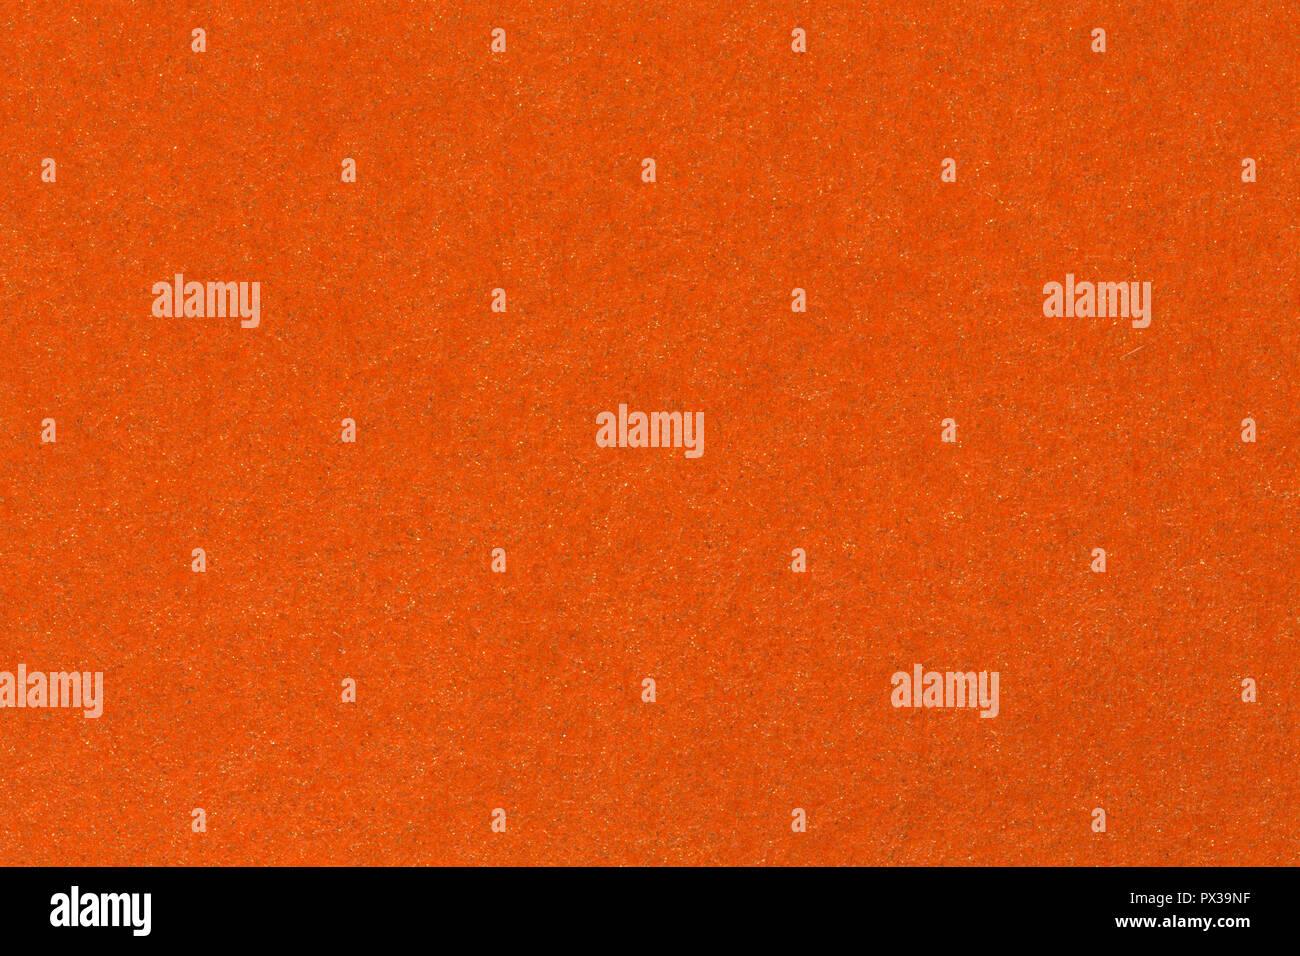 La texture du papier orange et de milieux différents. La texture du papier de haute qualité. Photo Stock